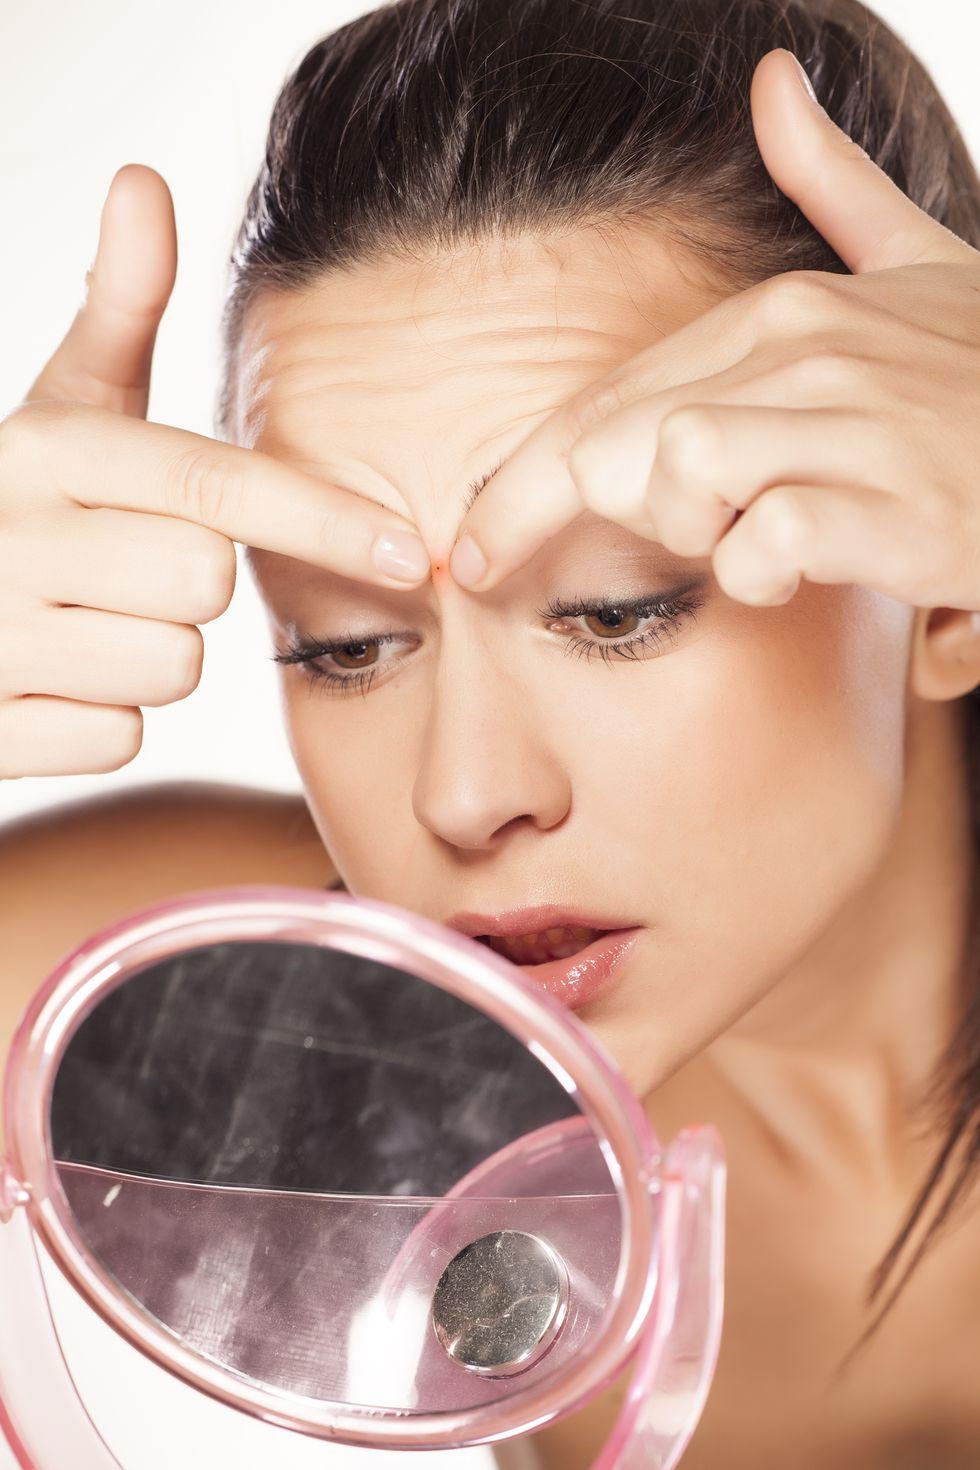 3.額頭是否有痘痘煩惱? 對於油性痘痘肌的妳,瀏海不是一個正確選擇,即便是較稀疏的空氣瀏海也是一樣,臉上的油脂和沾到灰塵細菌的頭髮,都容易導致毛孔堵塞,而瀏海更容易使額頭上的毛孔無法透氣,加上有瀏海的人通常有一壞習慣就是經常用手撥動頭髮,手中的細菌和油脂也會依附在頭髮上,進而接觸肌膚,使痘痘惡化。